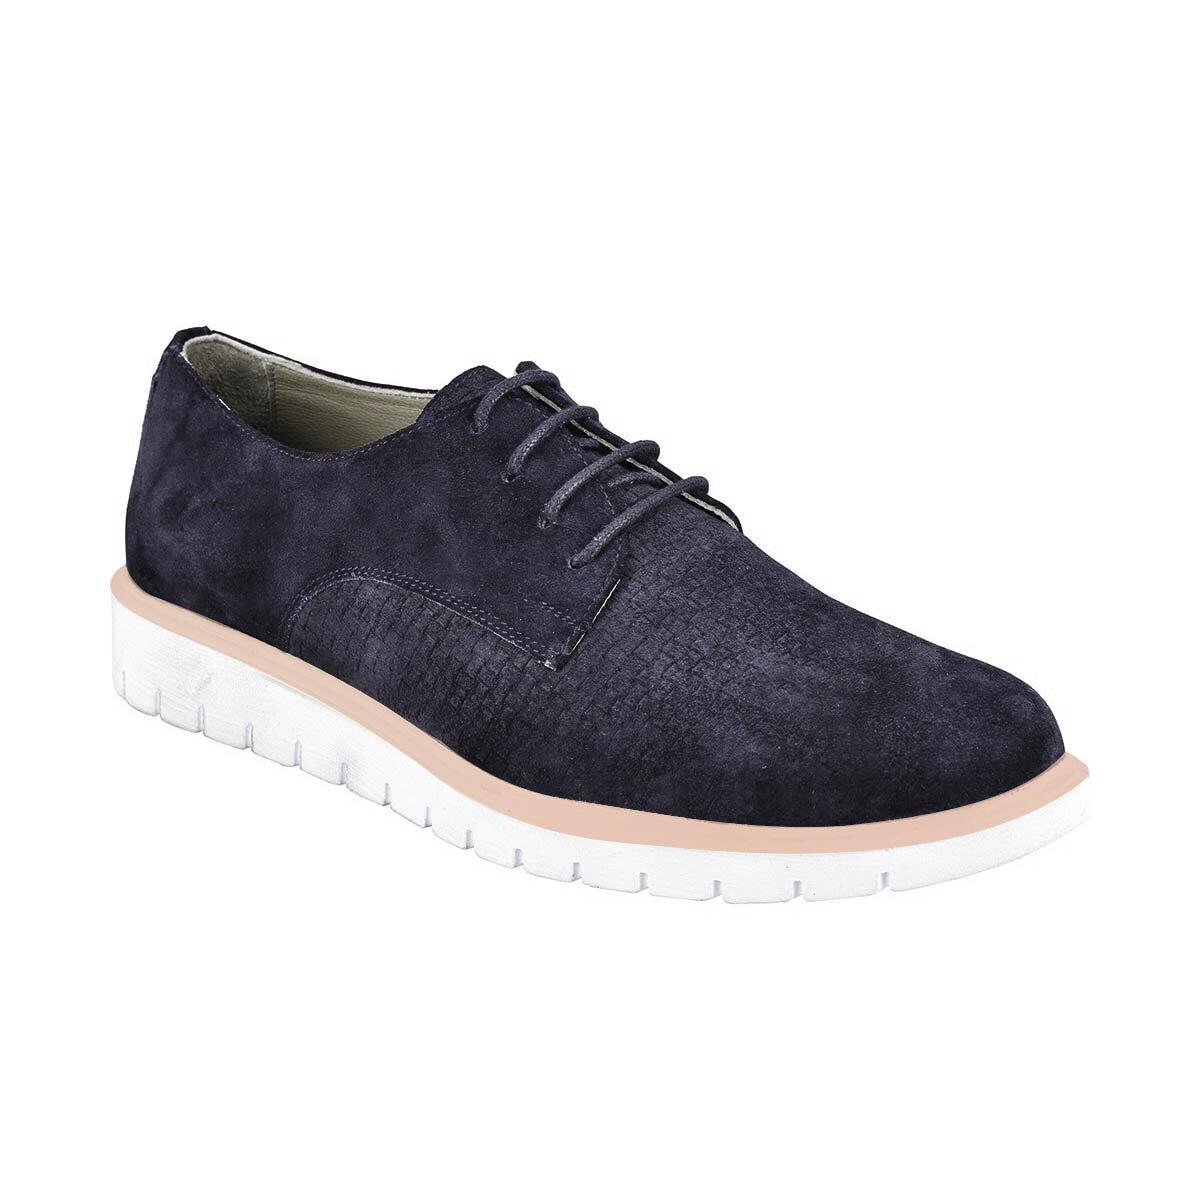 FLO 55506-1 M 1910 Navy Blue Men 'S Modern Shoes JJ-Stiller